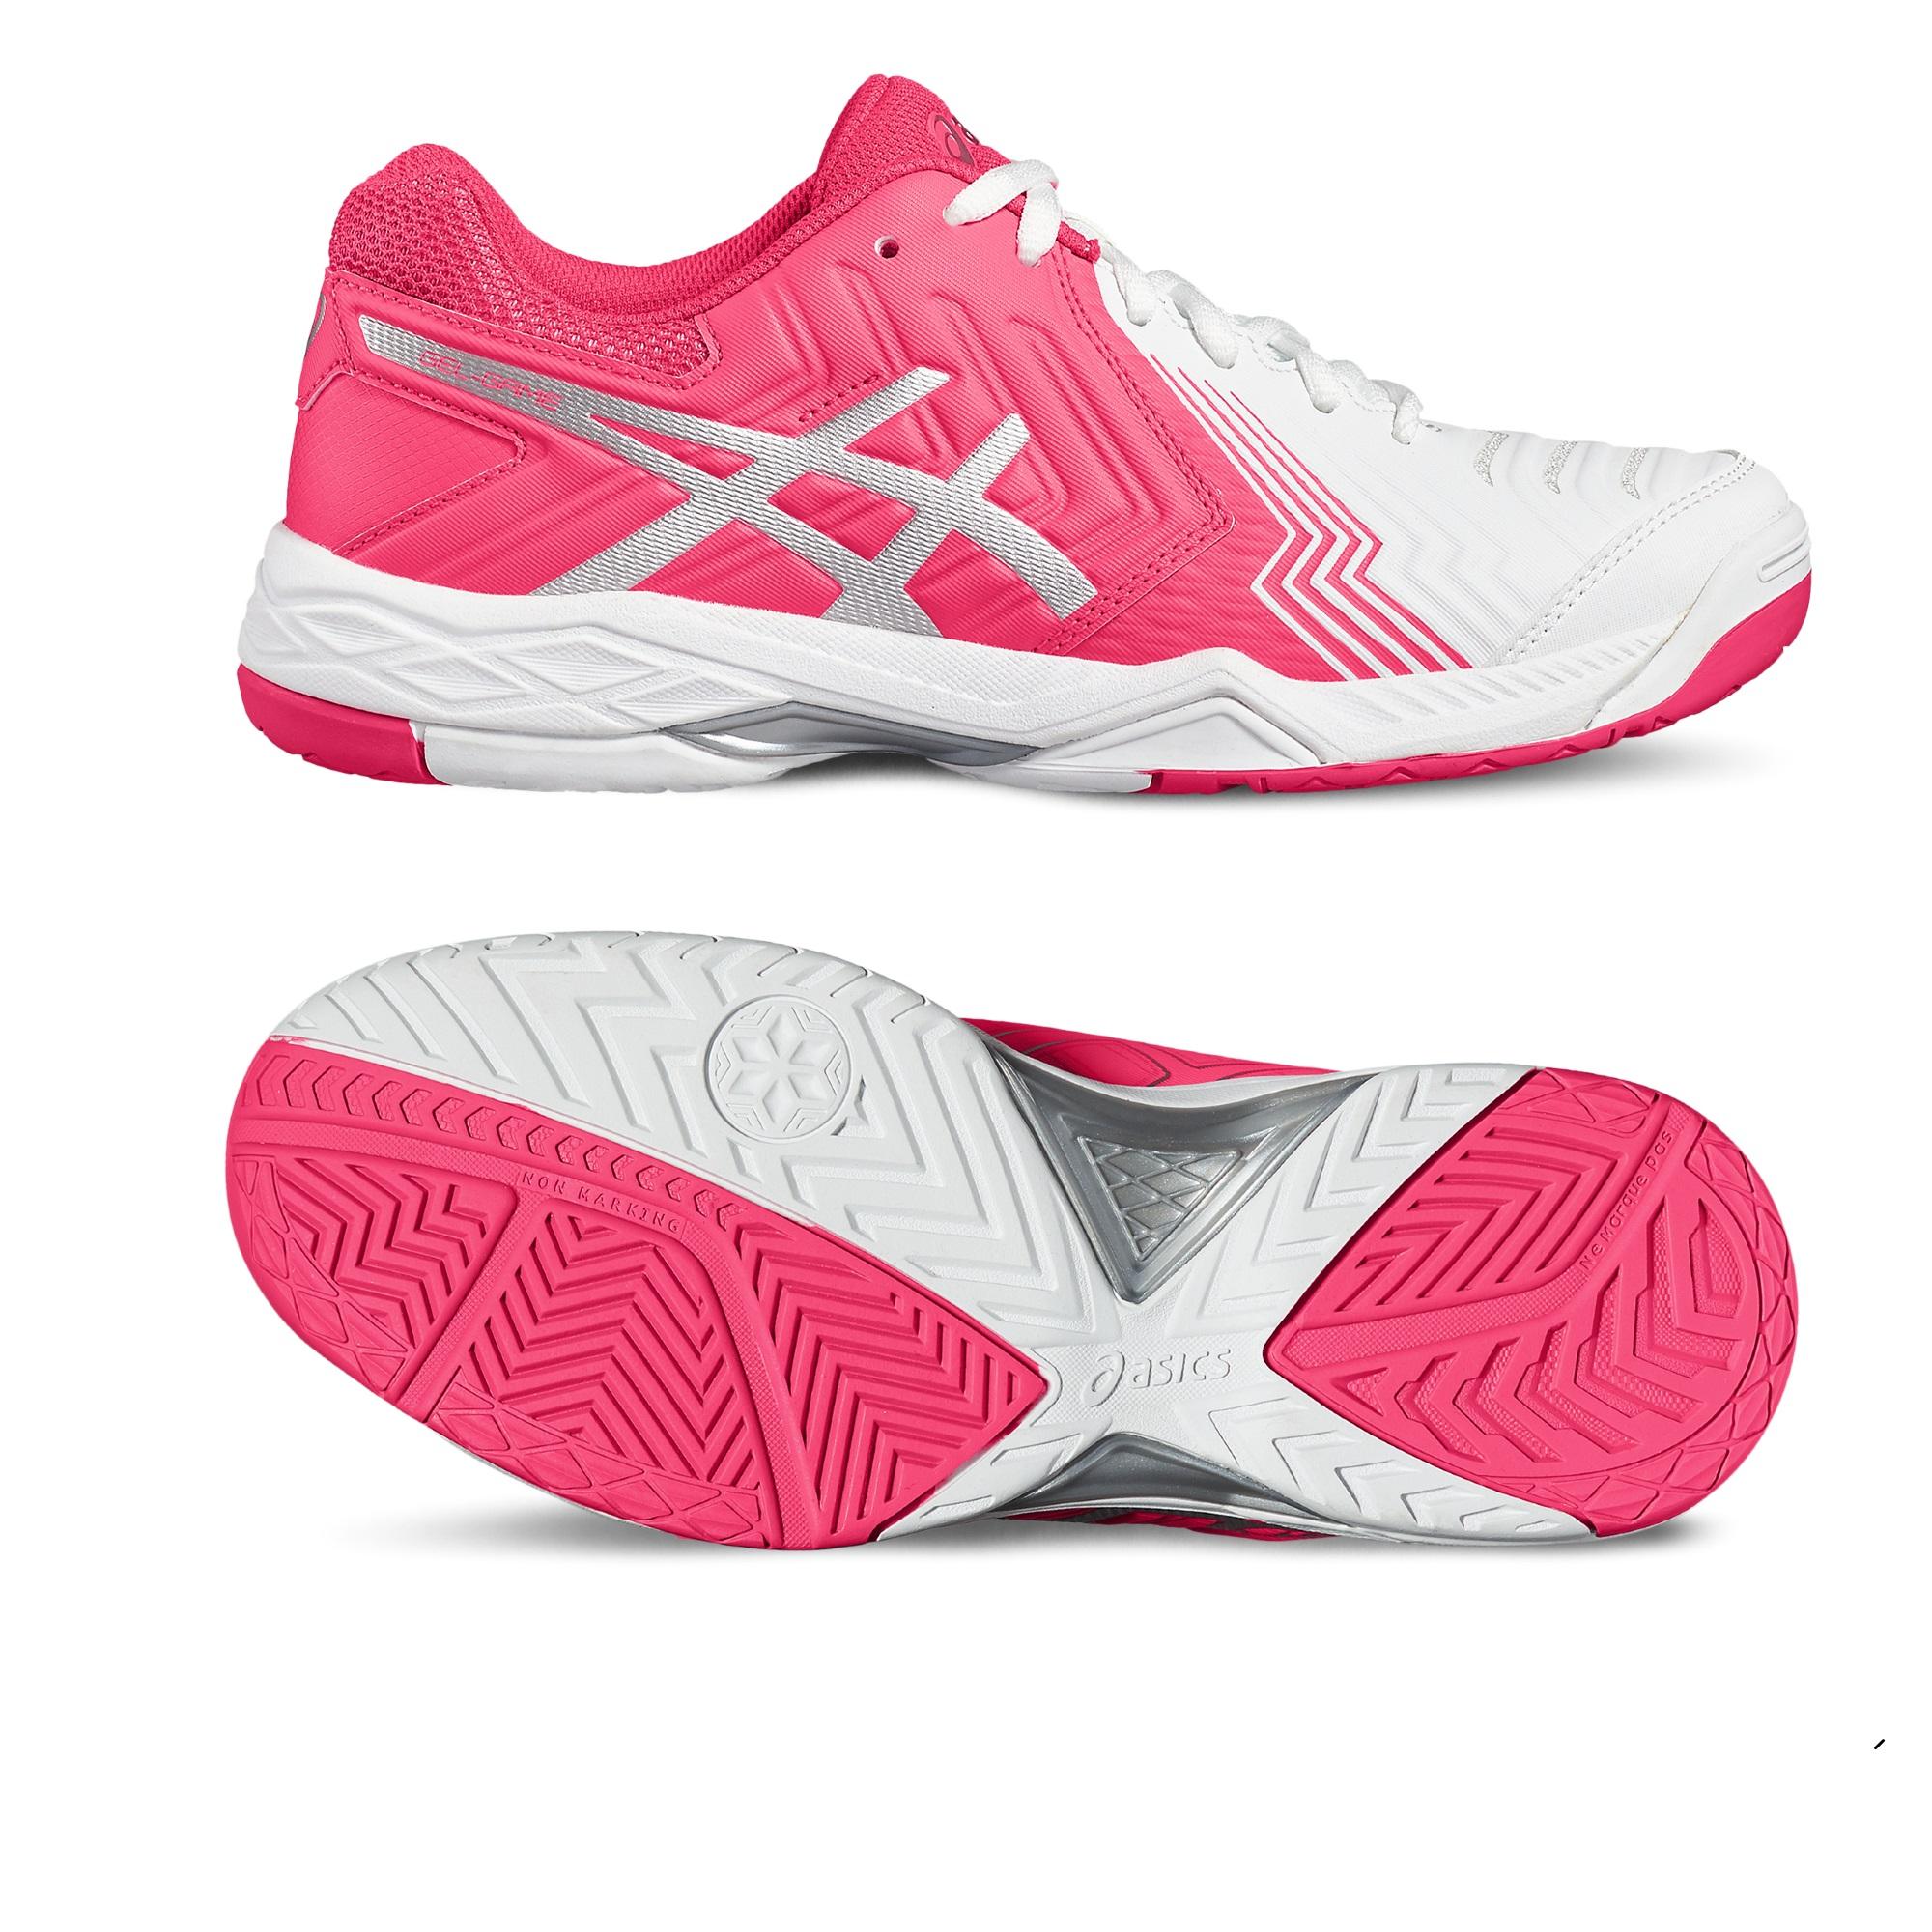 Asics GelGame 6 Ladies Tennis Shoes  WhitePink 7.5 UK